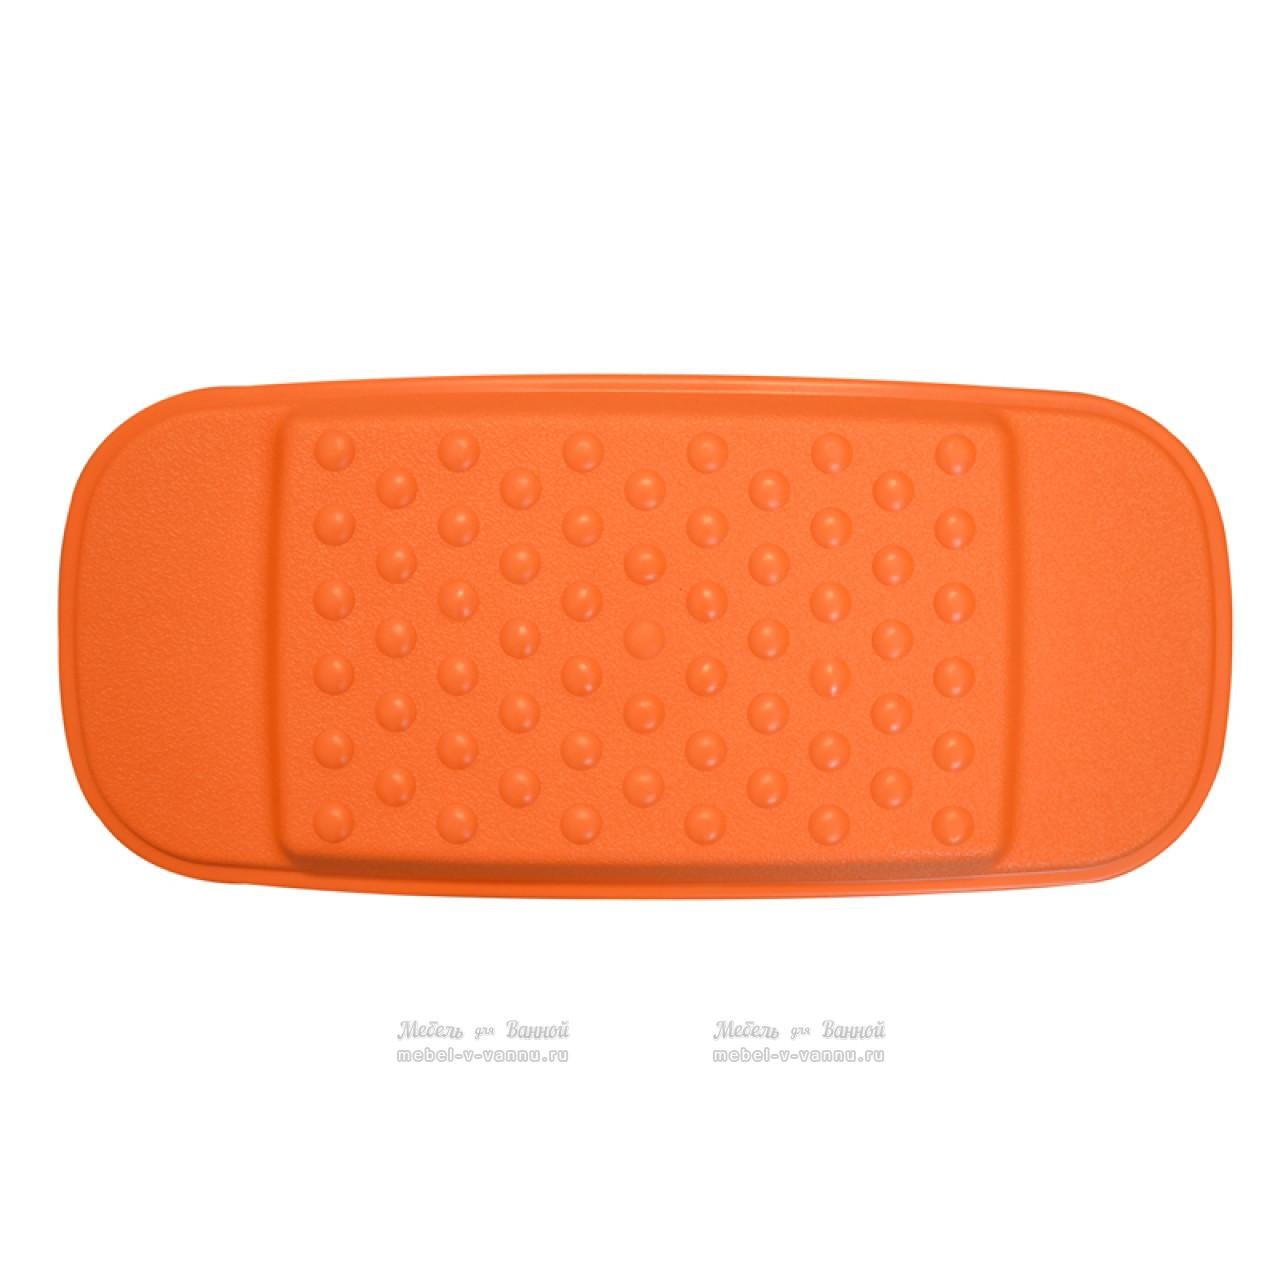 Подголовники для ванны Ridder 608614 оранжевый, Aqm купить в Москве по цене от 456р. в интернет-магазине mebel-v-vannu.ru